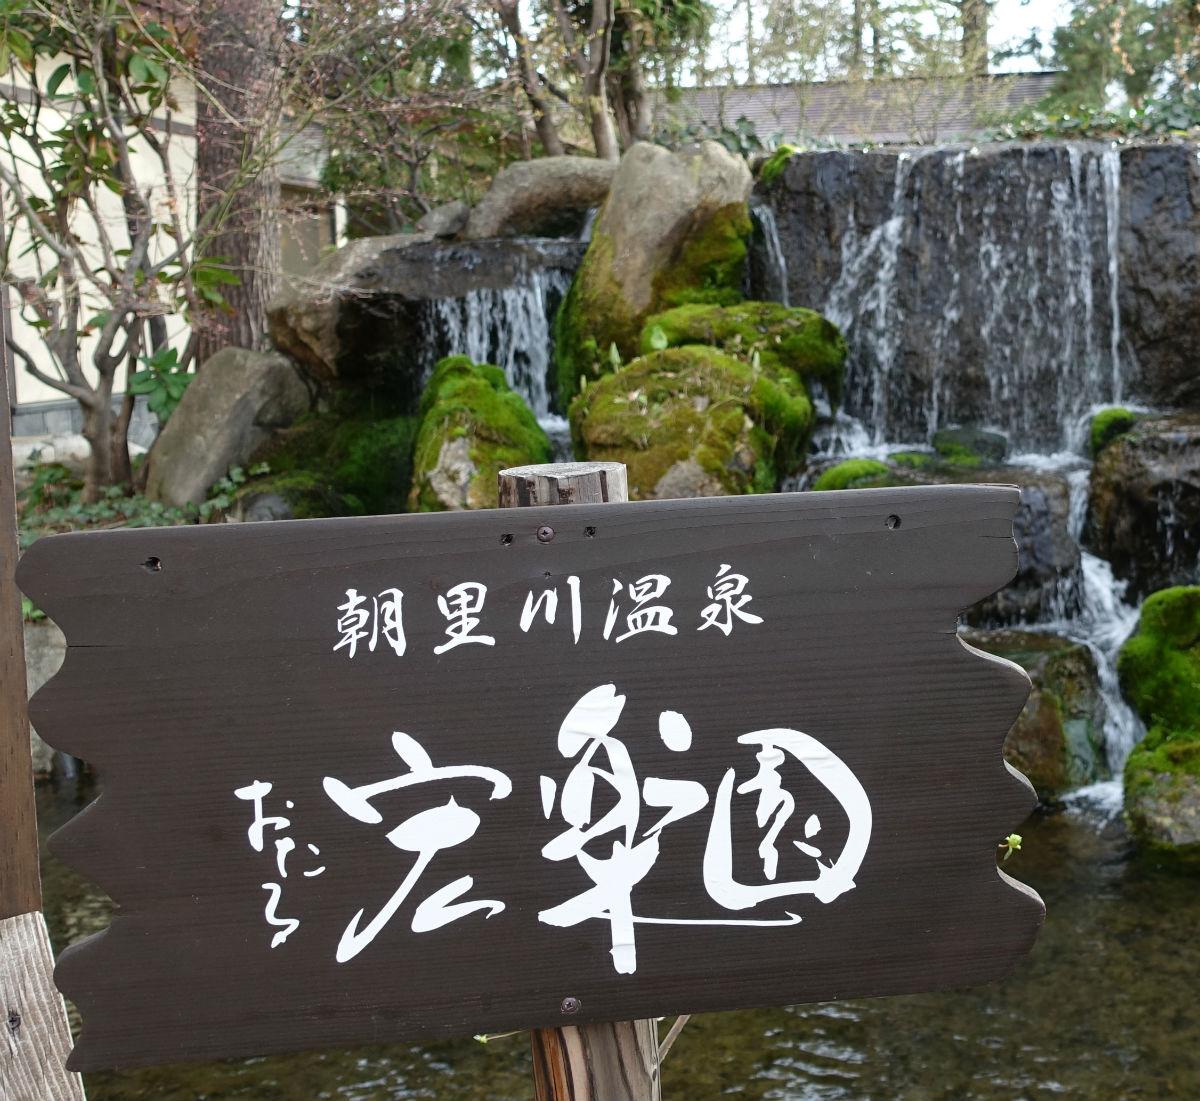 小樽 宏楽園 玄関付近 鴨が池の看板